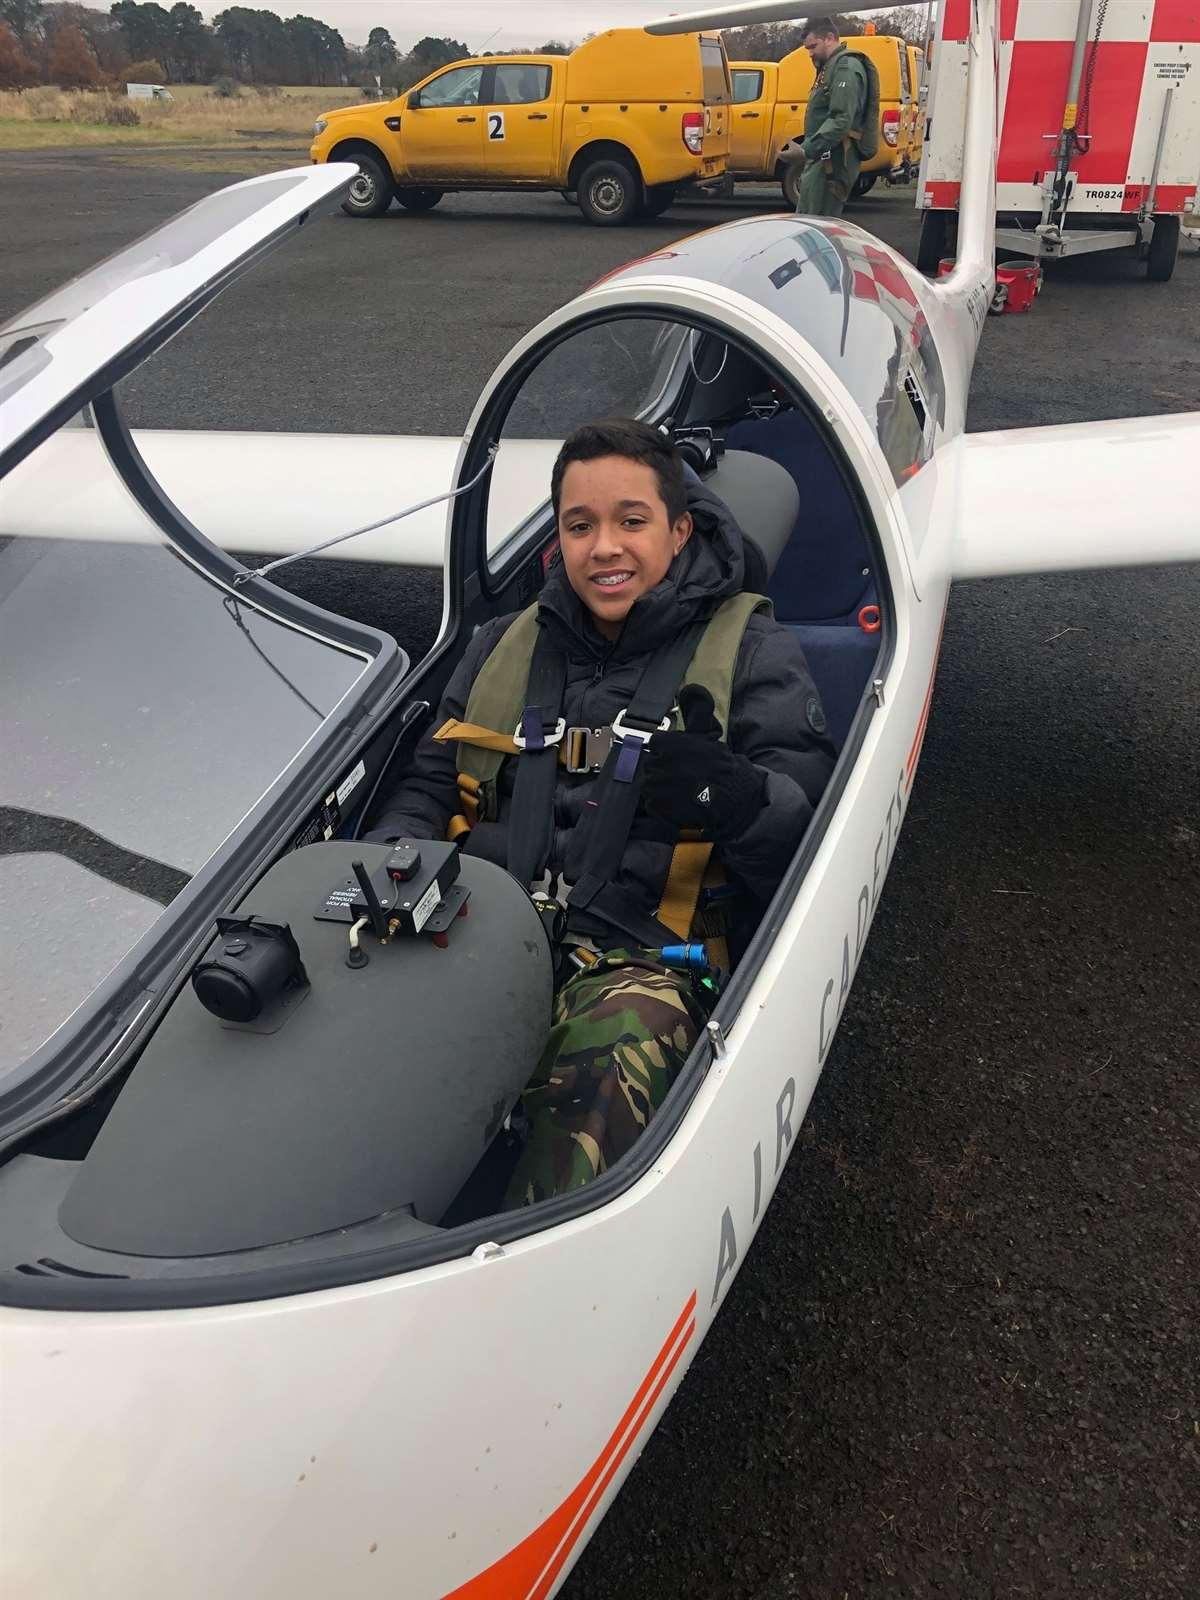 苏格兰阿尔宾学校参观英国皇家空军基地